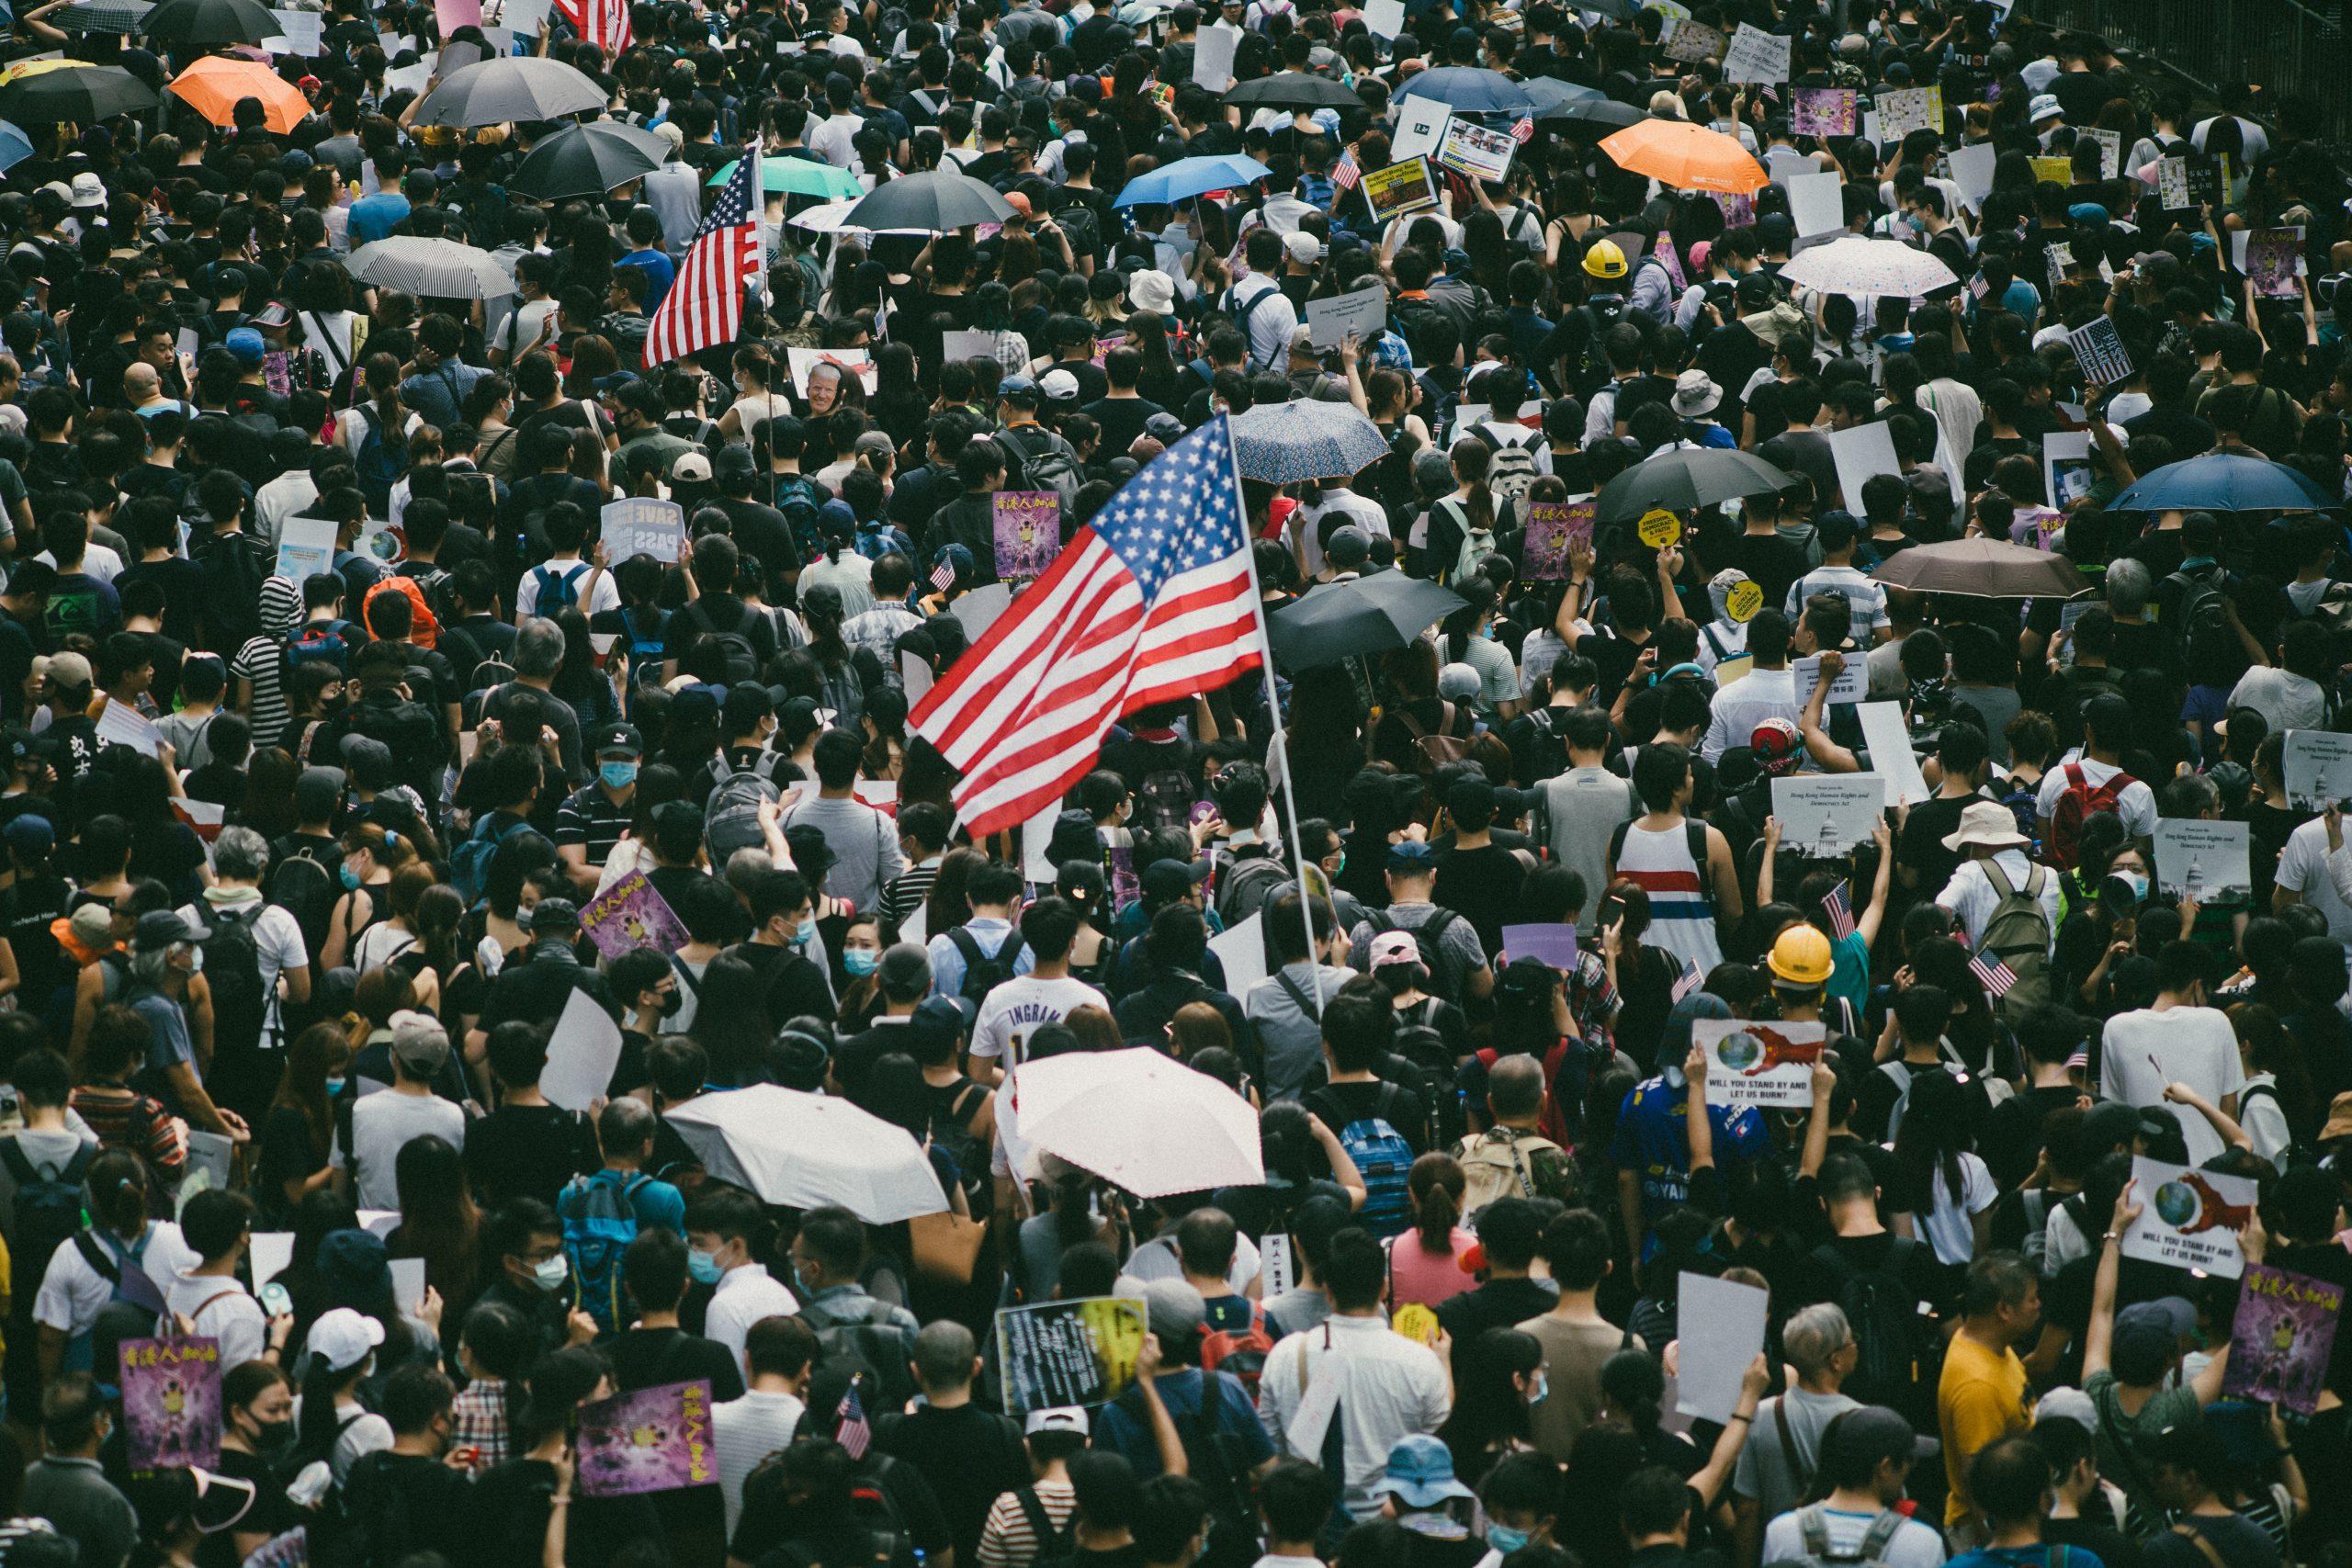 アメリカ連邦議会議事堂前に集まった大勢の人の写真です。